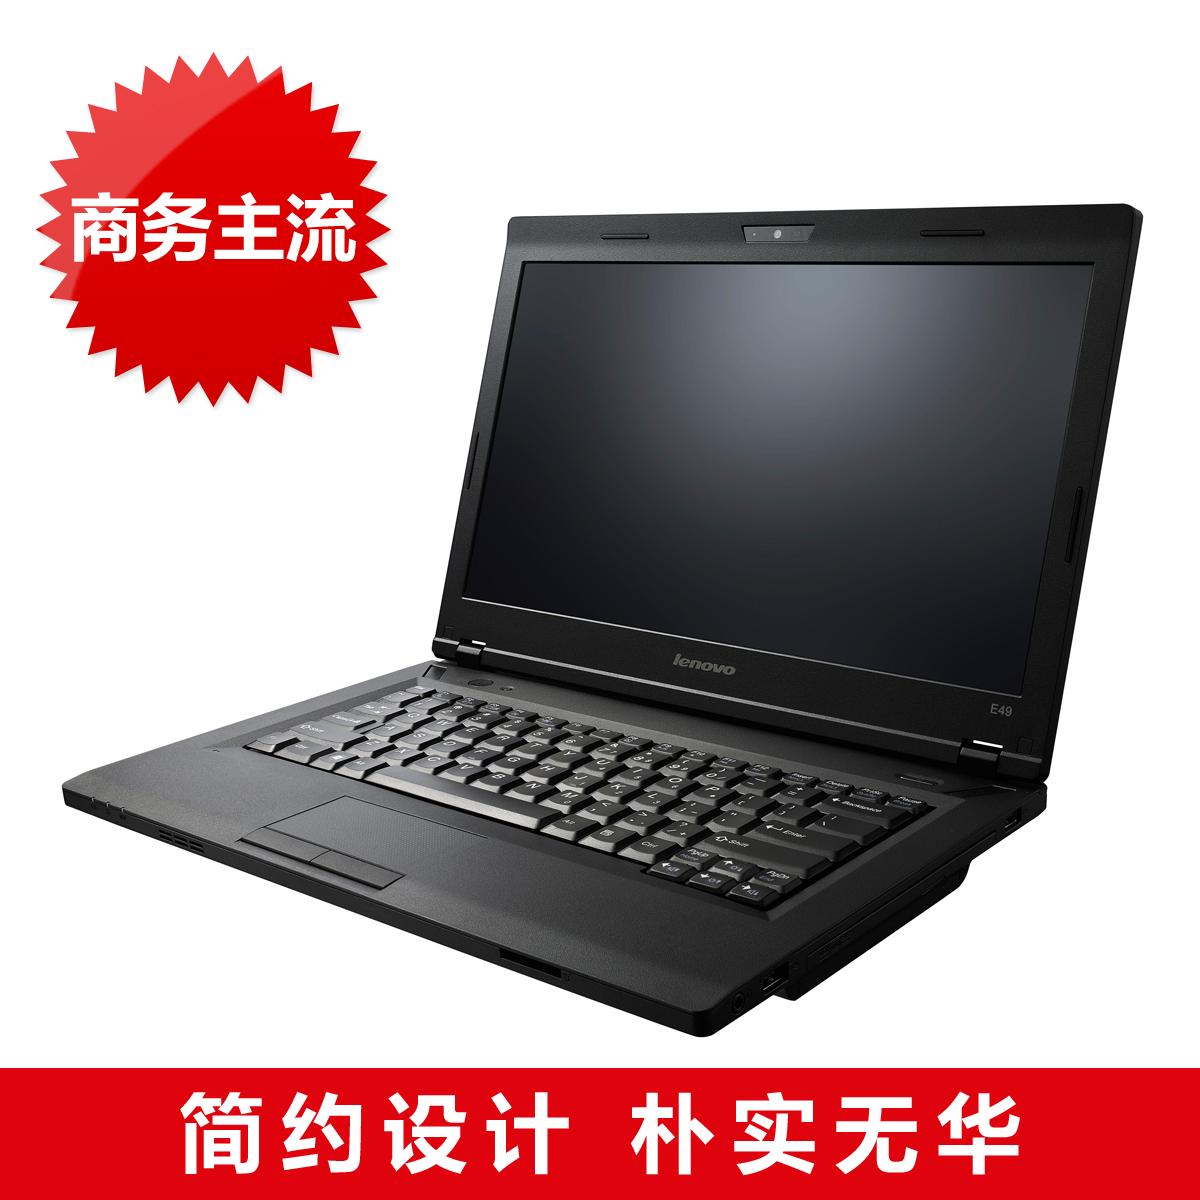 lenovo/联想 14寸 e49l b820 1005m昭阳商务本笔记本电脑包邮